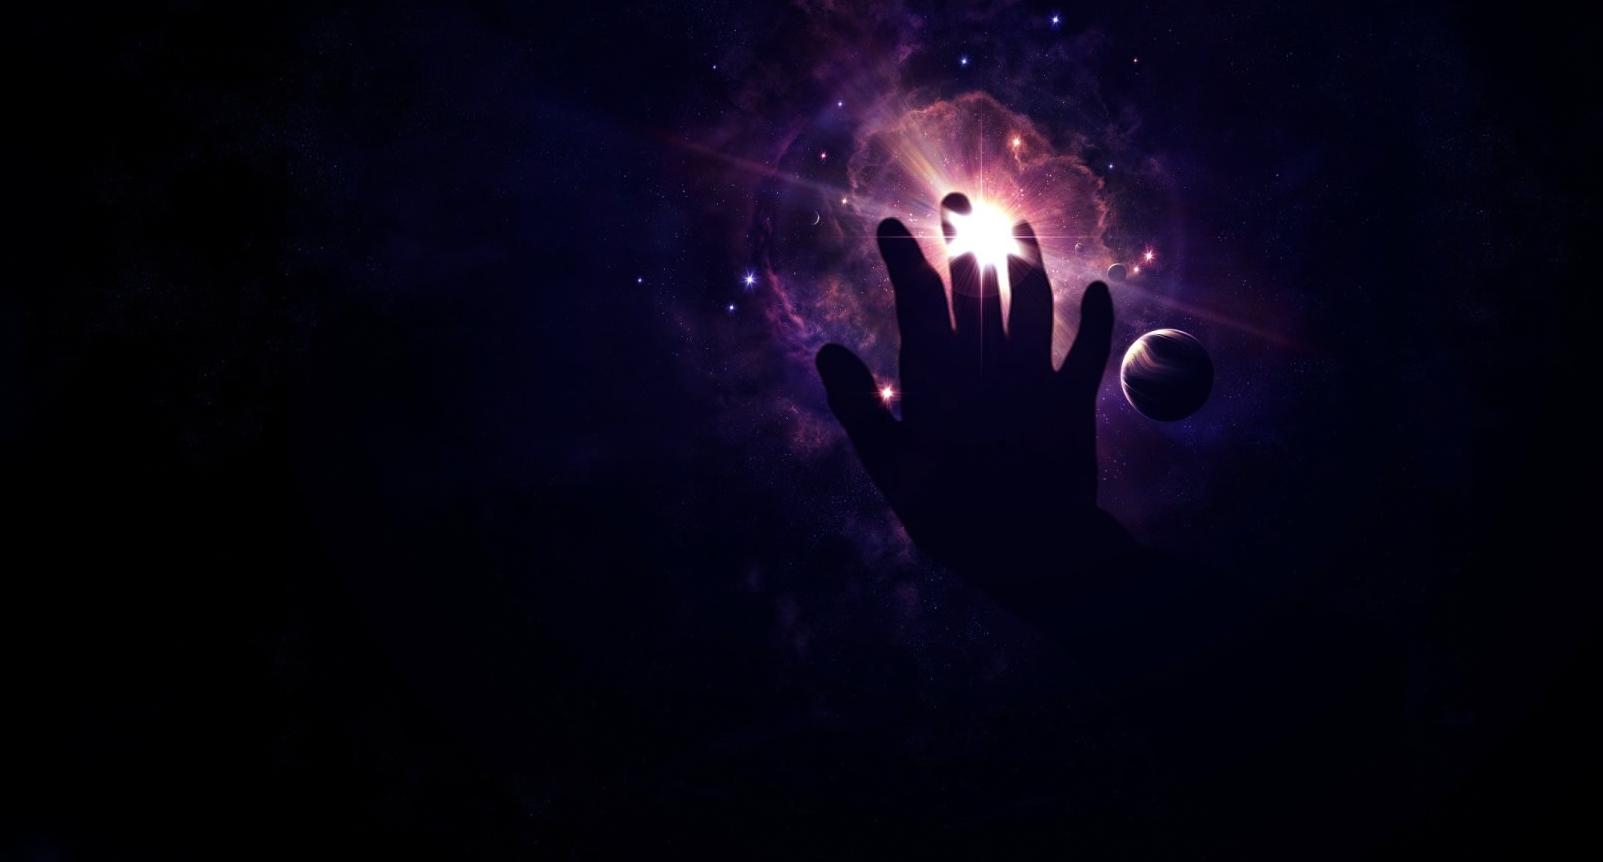 La Fantástica Explicación de Jesús a Marino Restrepo sobre el estado del Mundo y el Futuro